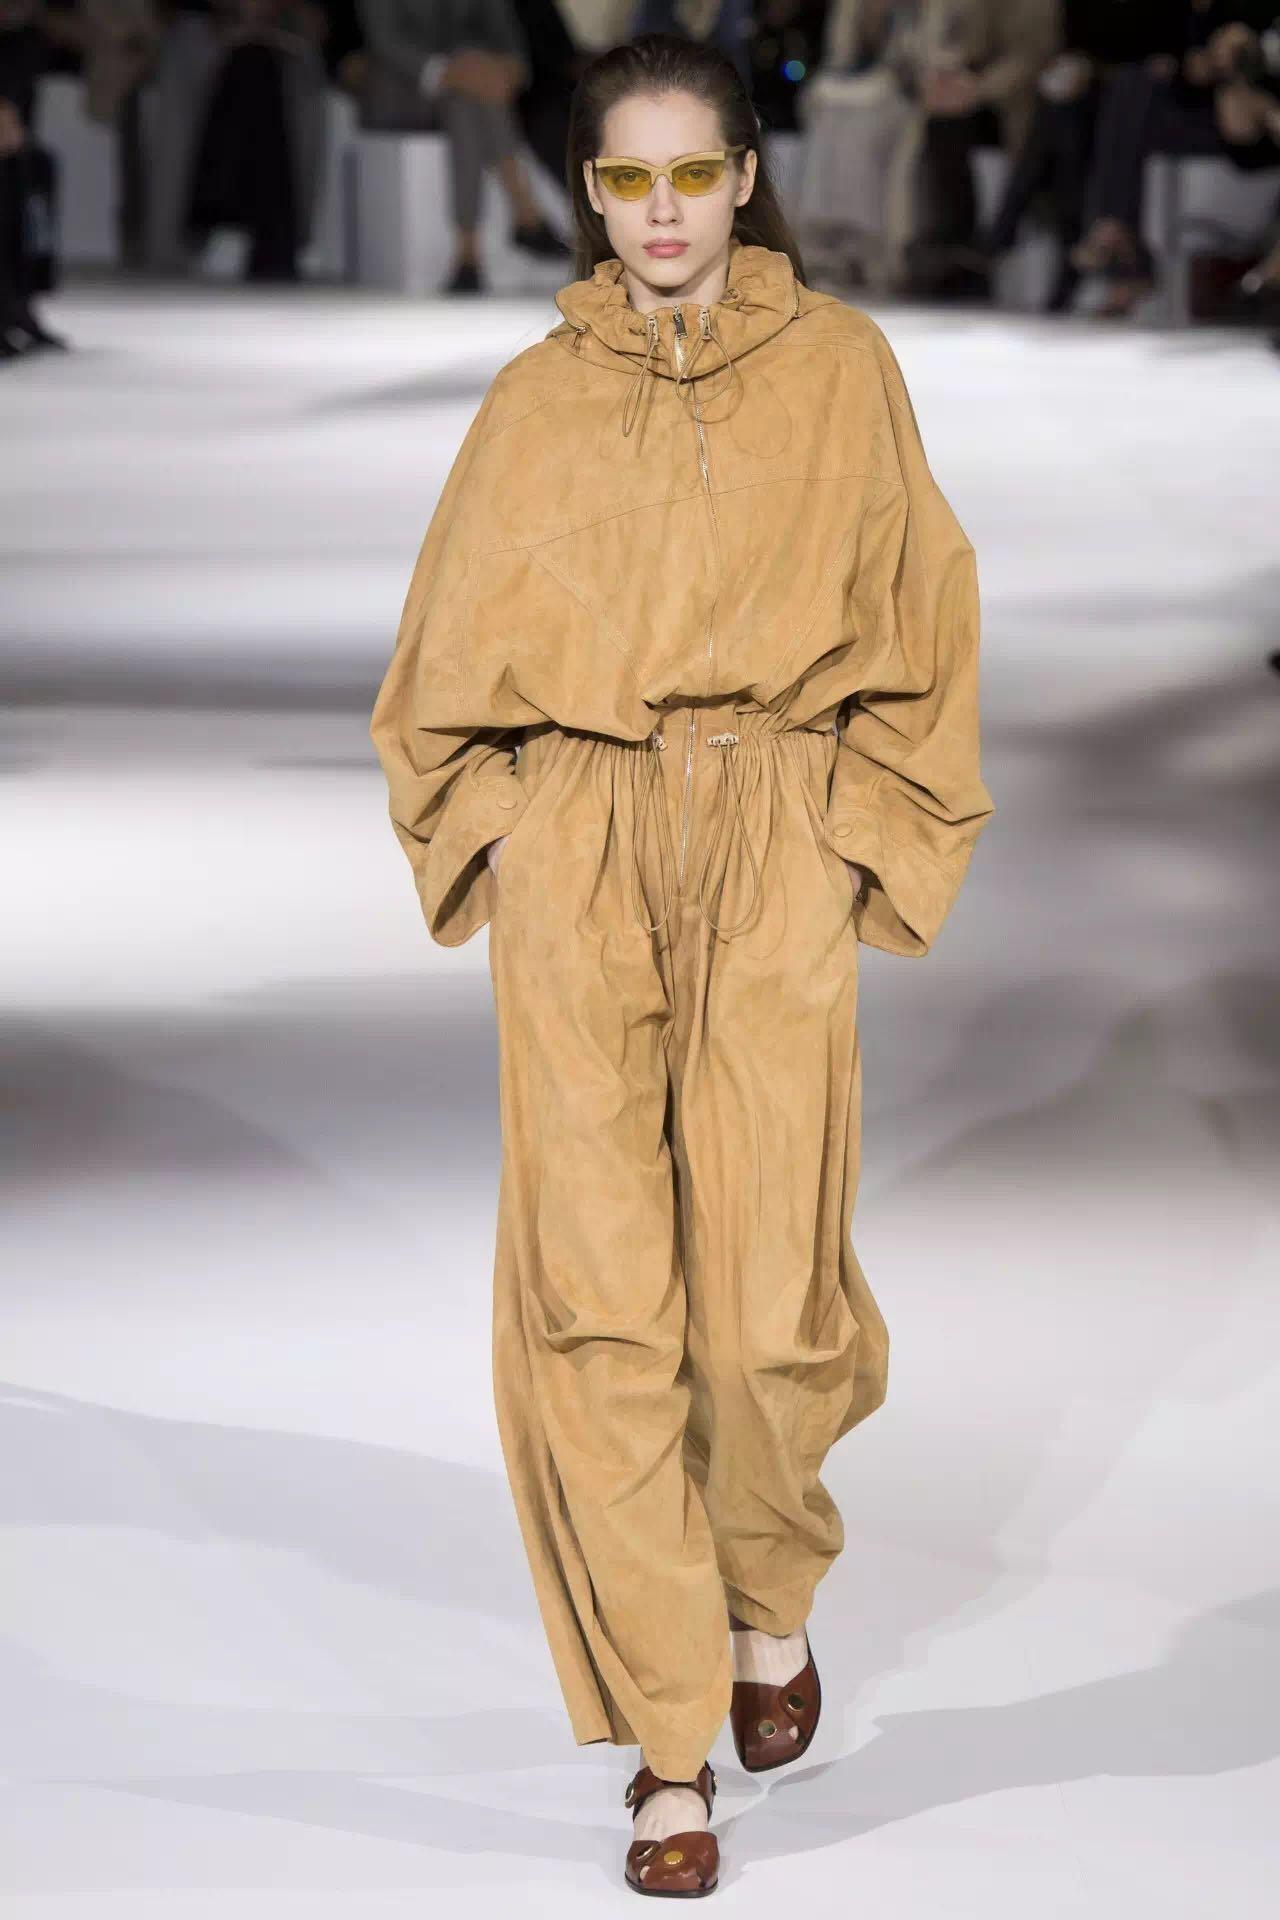 巴黎时装周上的新潮流是这些!为时尚先锋指点一二(图9)